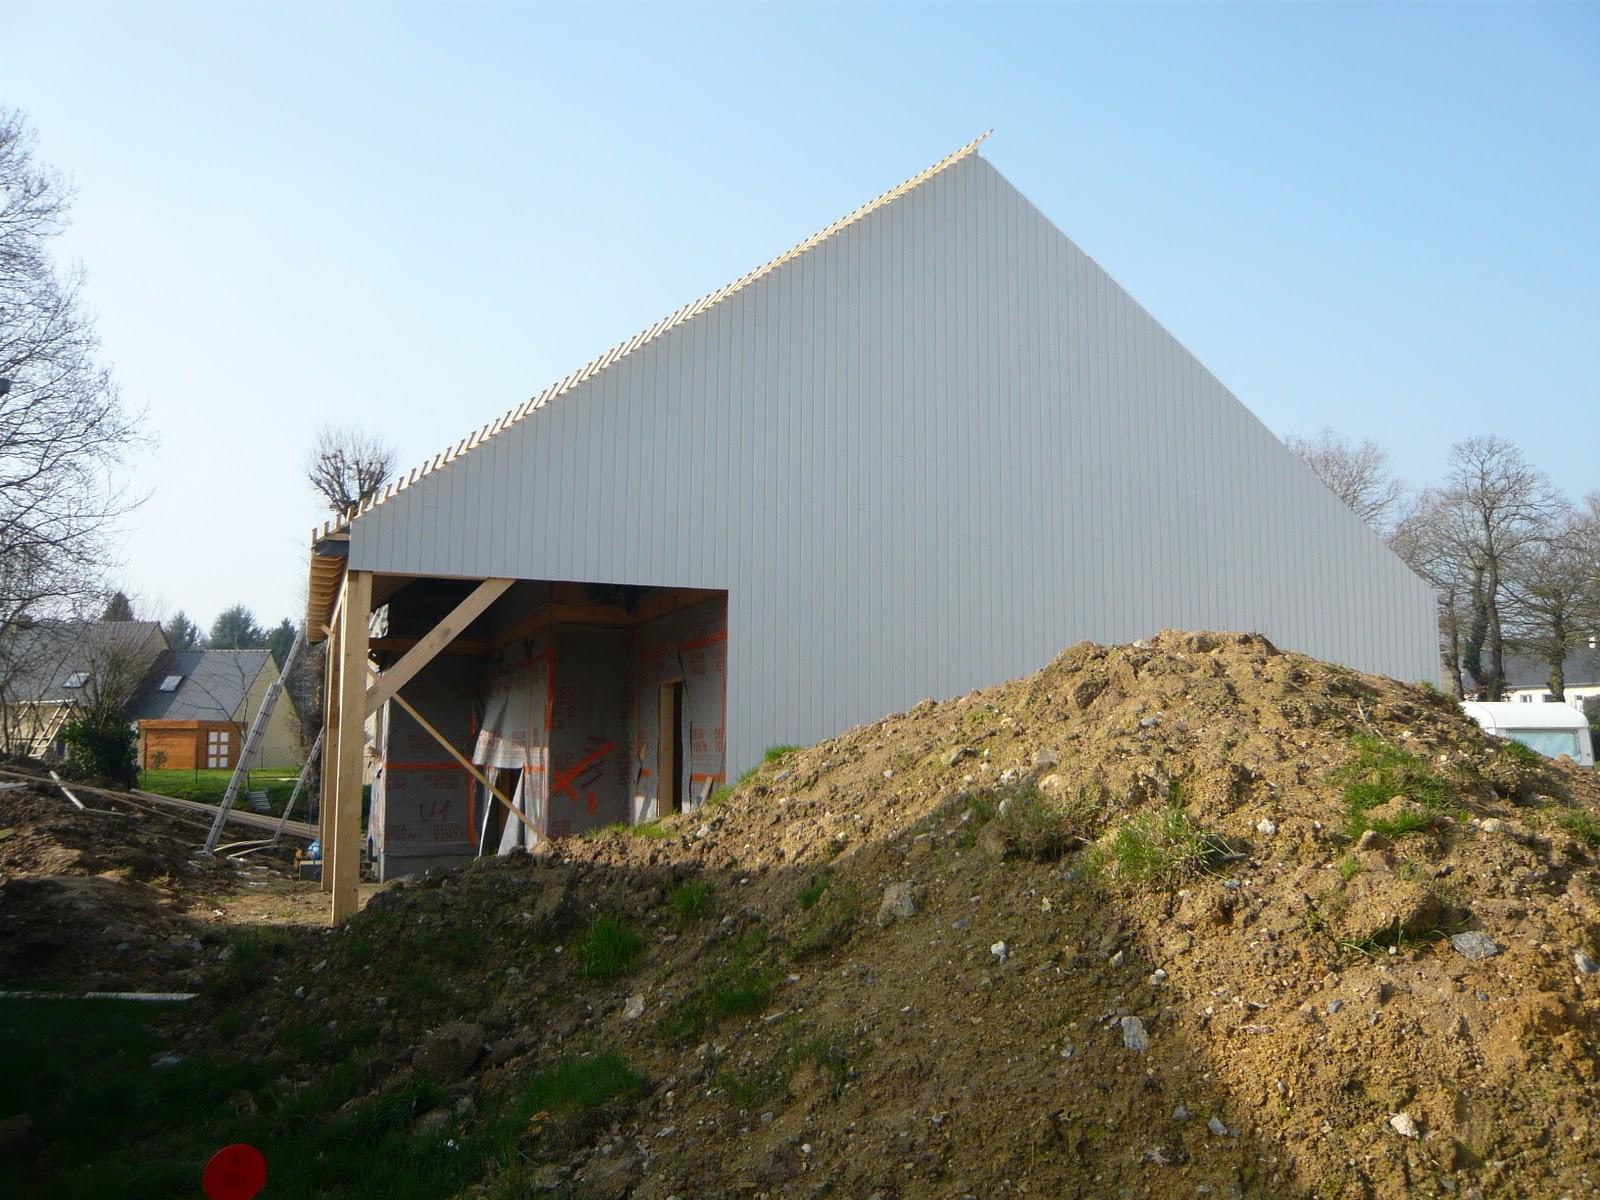 ID MAISON BOIS Construction d'une maison en bois en Bretagne # Construction Maison Bois Bretagne